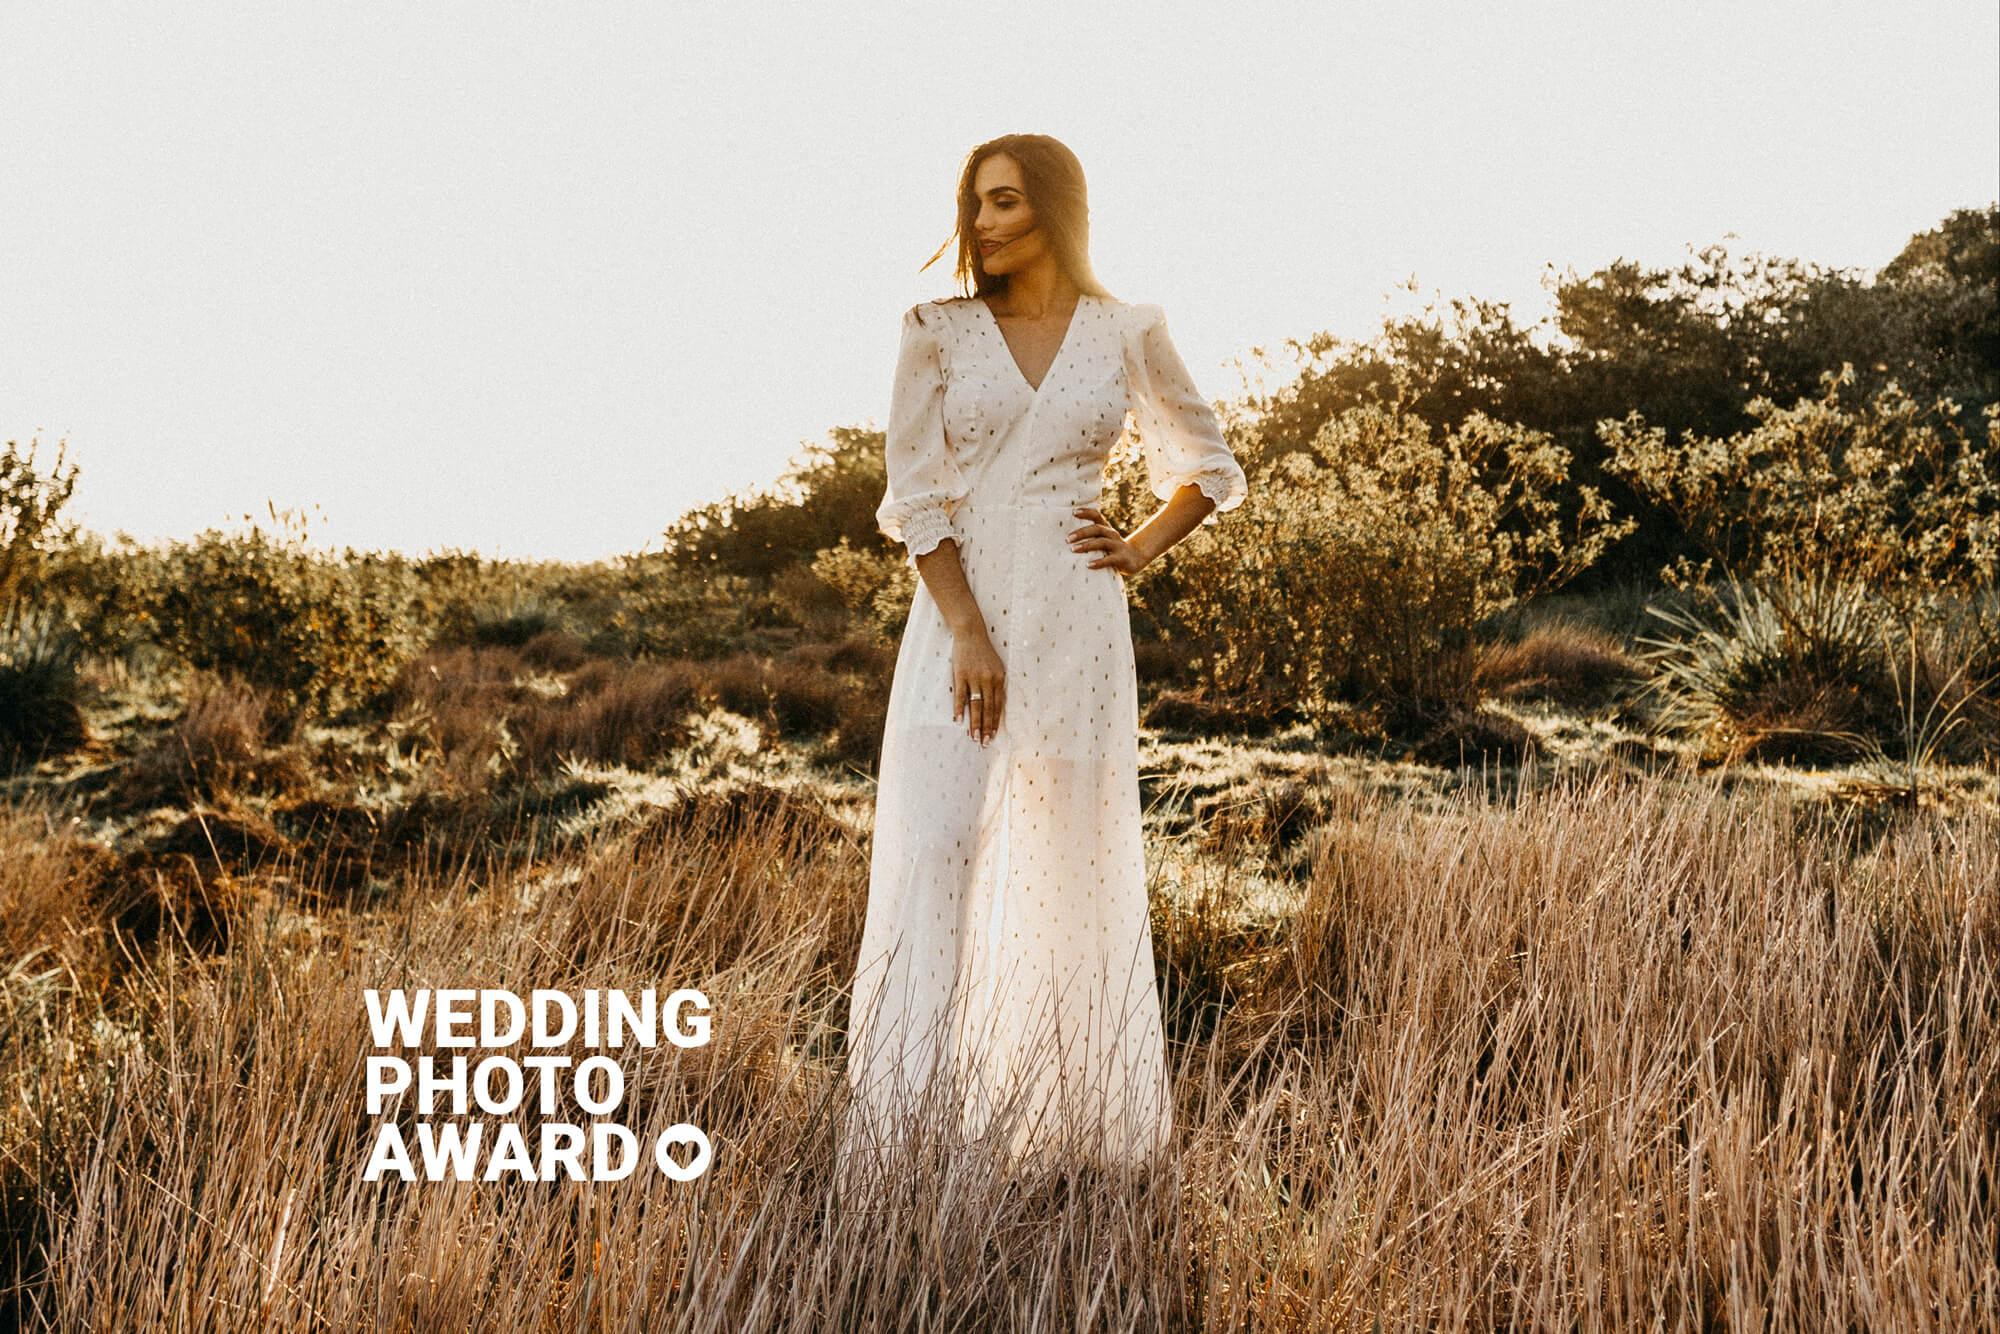 WEDDING PHOTO AWARD 2021 – Jetzt Bild einreichen